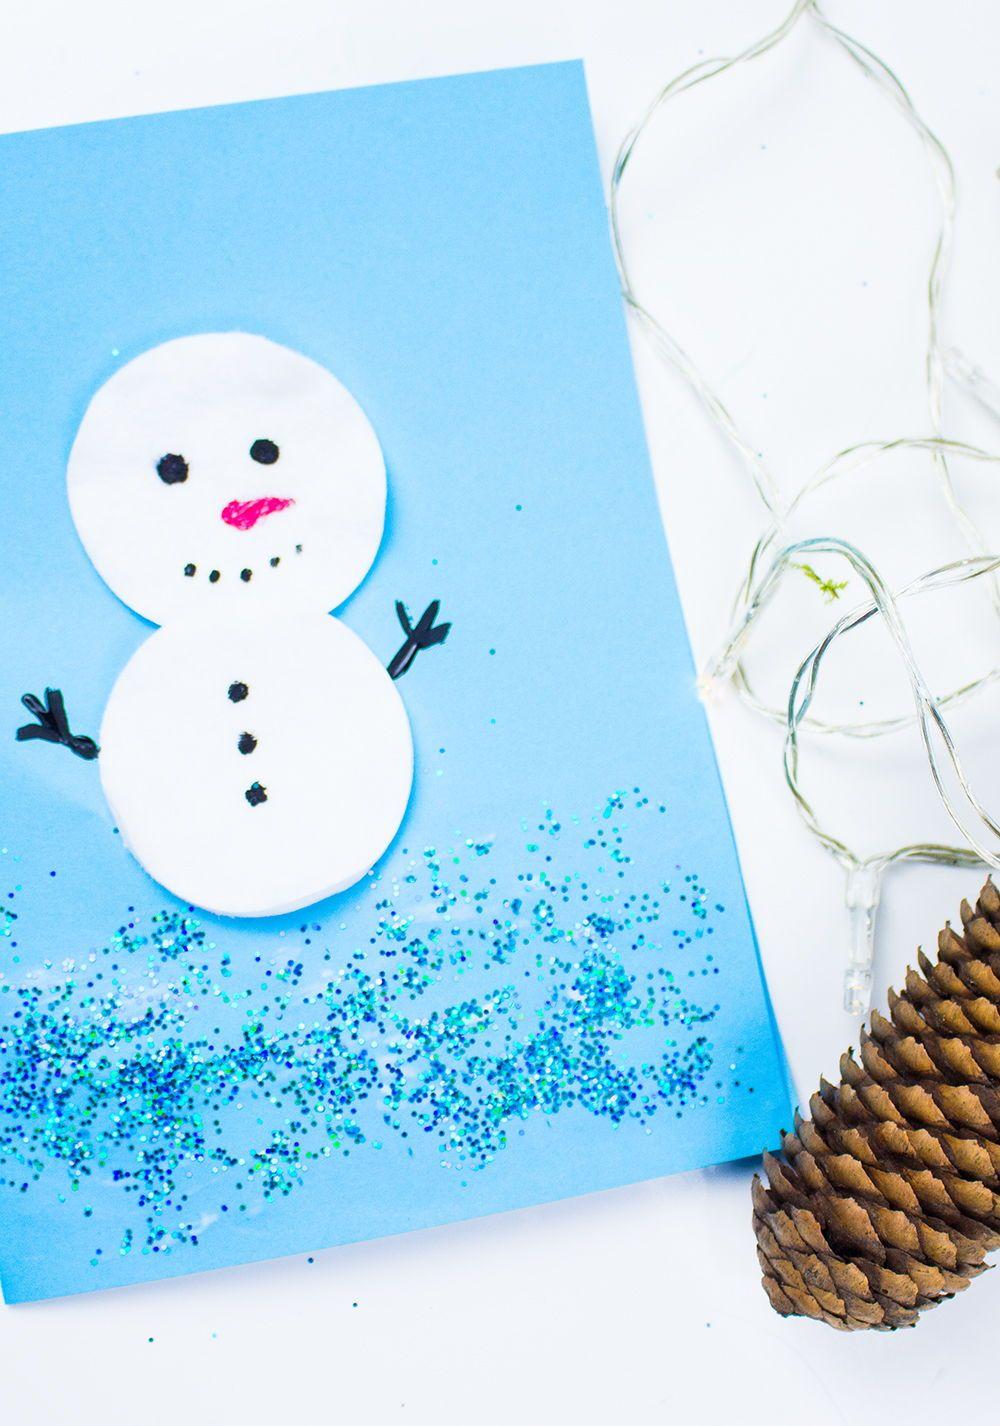 Weihnachtskarten Mit Duft.Weihnachtskarten Basteln Mit Kindern 5 Schnelle Ideen Video